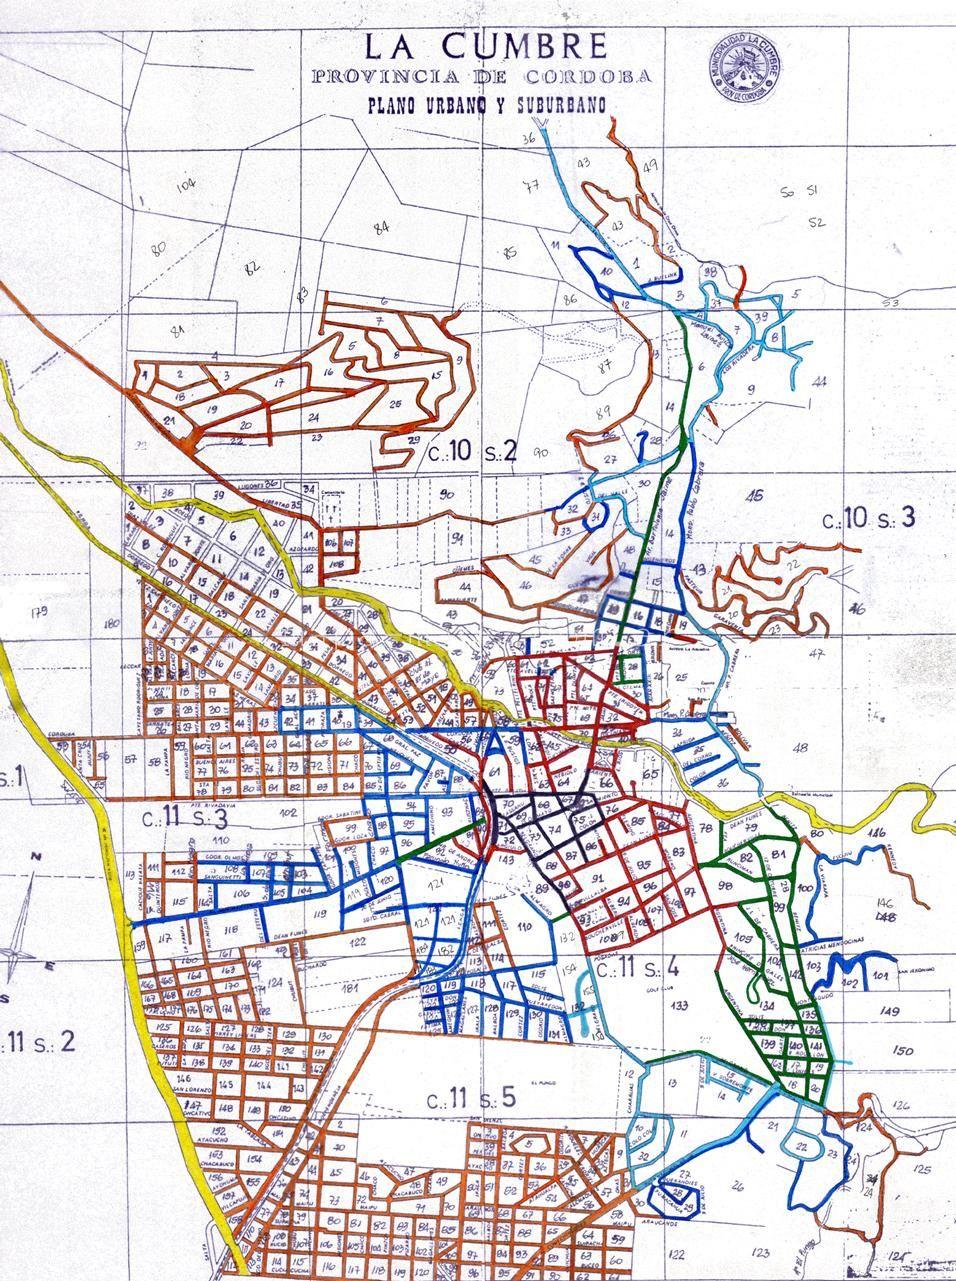 Mapa De La Cumbre La Cumbre Mapas Mapa De Argentina